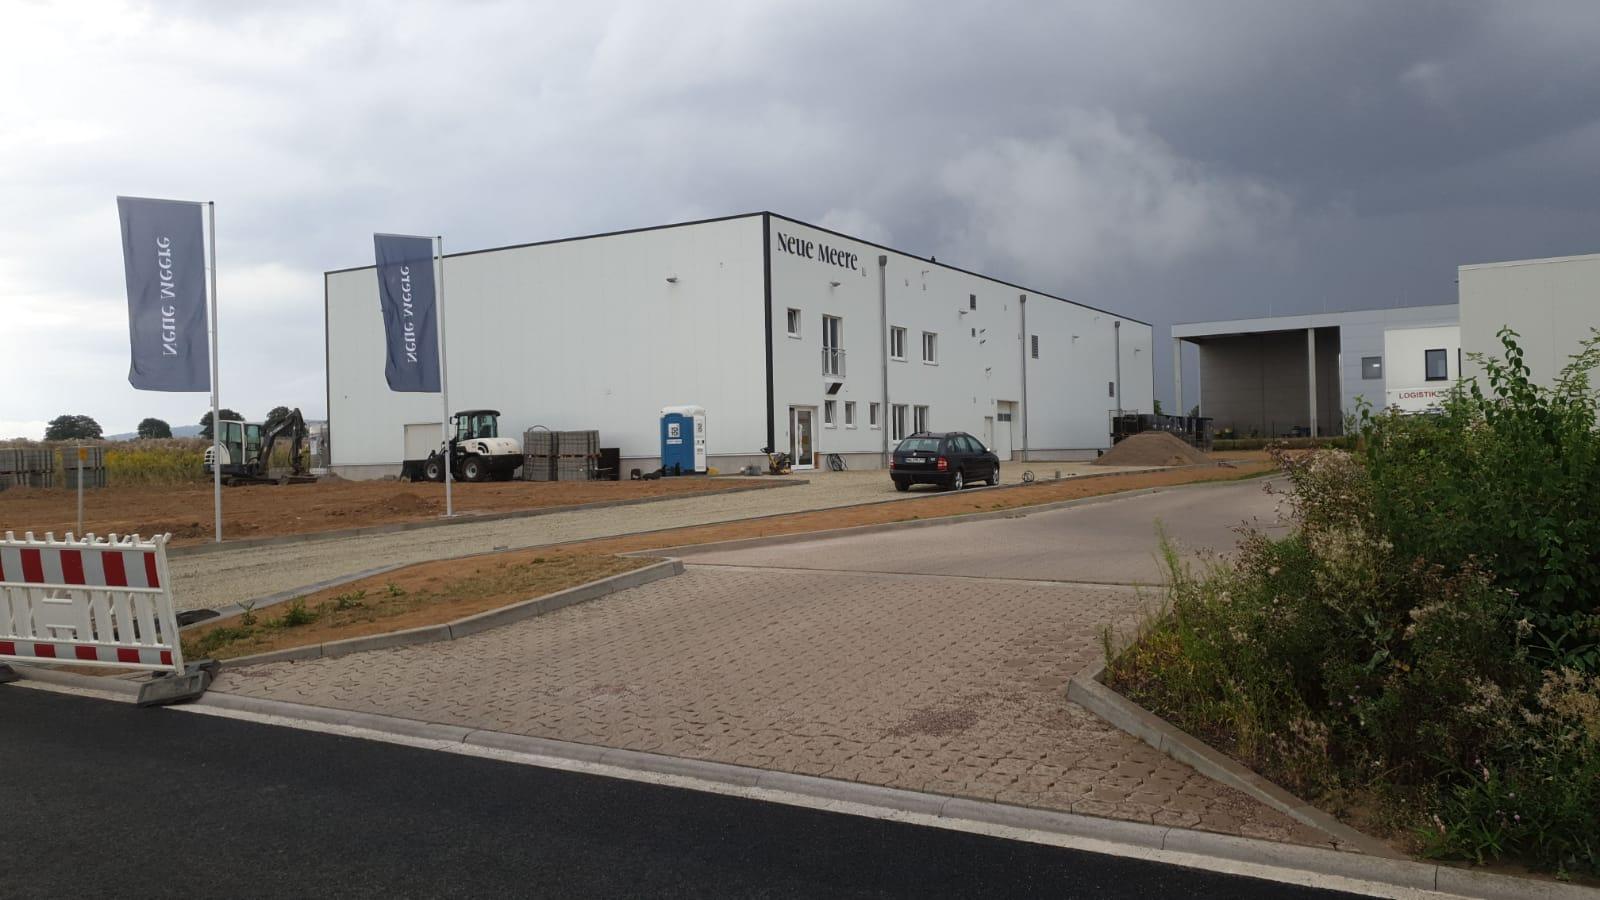 Für das neue und innovative Unternehmen Neue Meere mit Sitz in Gronau haben wir den Schriftzug sowie die Fahnen gefertigt.